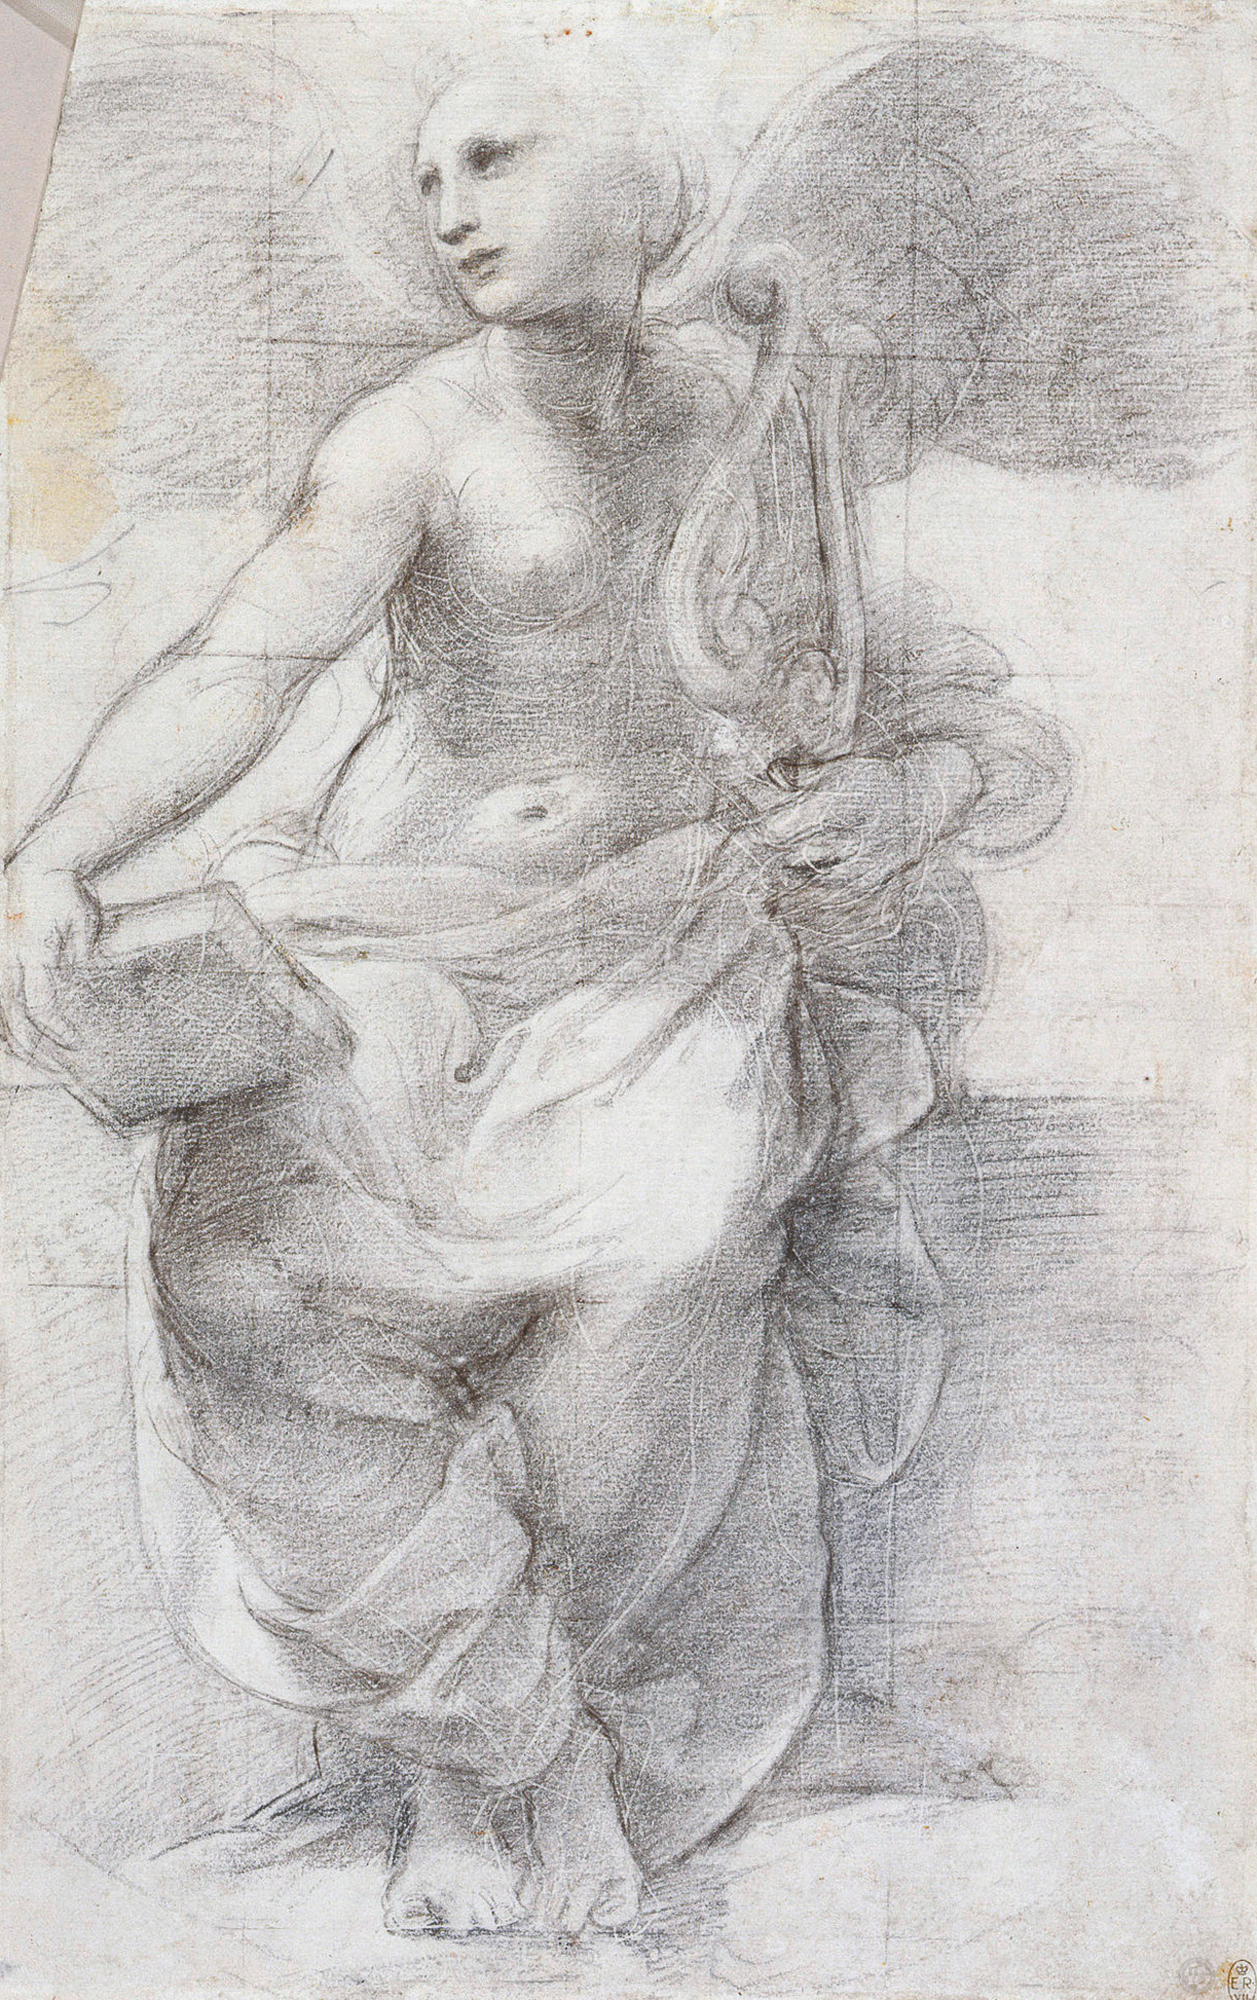 raphael-sketch-An-allegorical-figure-of-Poetry.jpg